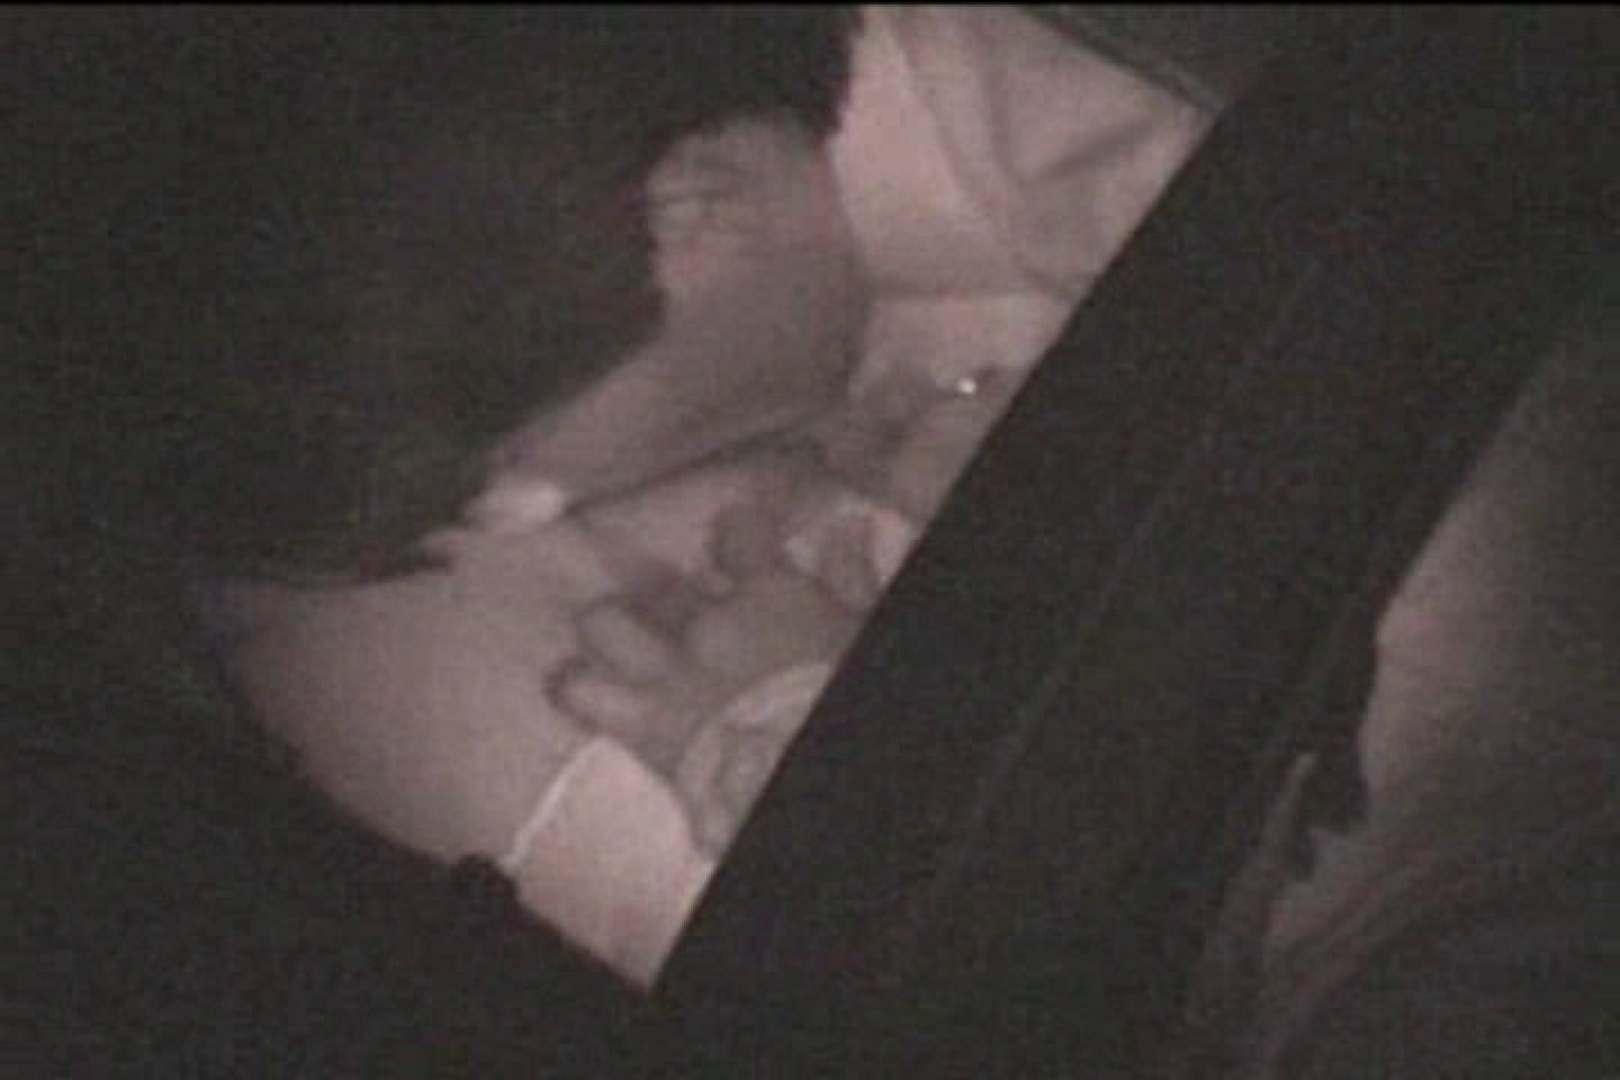 蔵出し!!赤外線カーセックスVol.28 熟女丸裸 オメコ動画キャプチャ 101pic 61